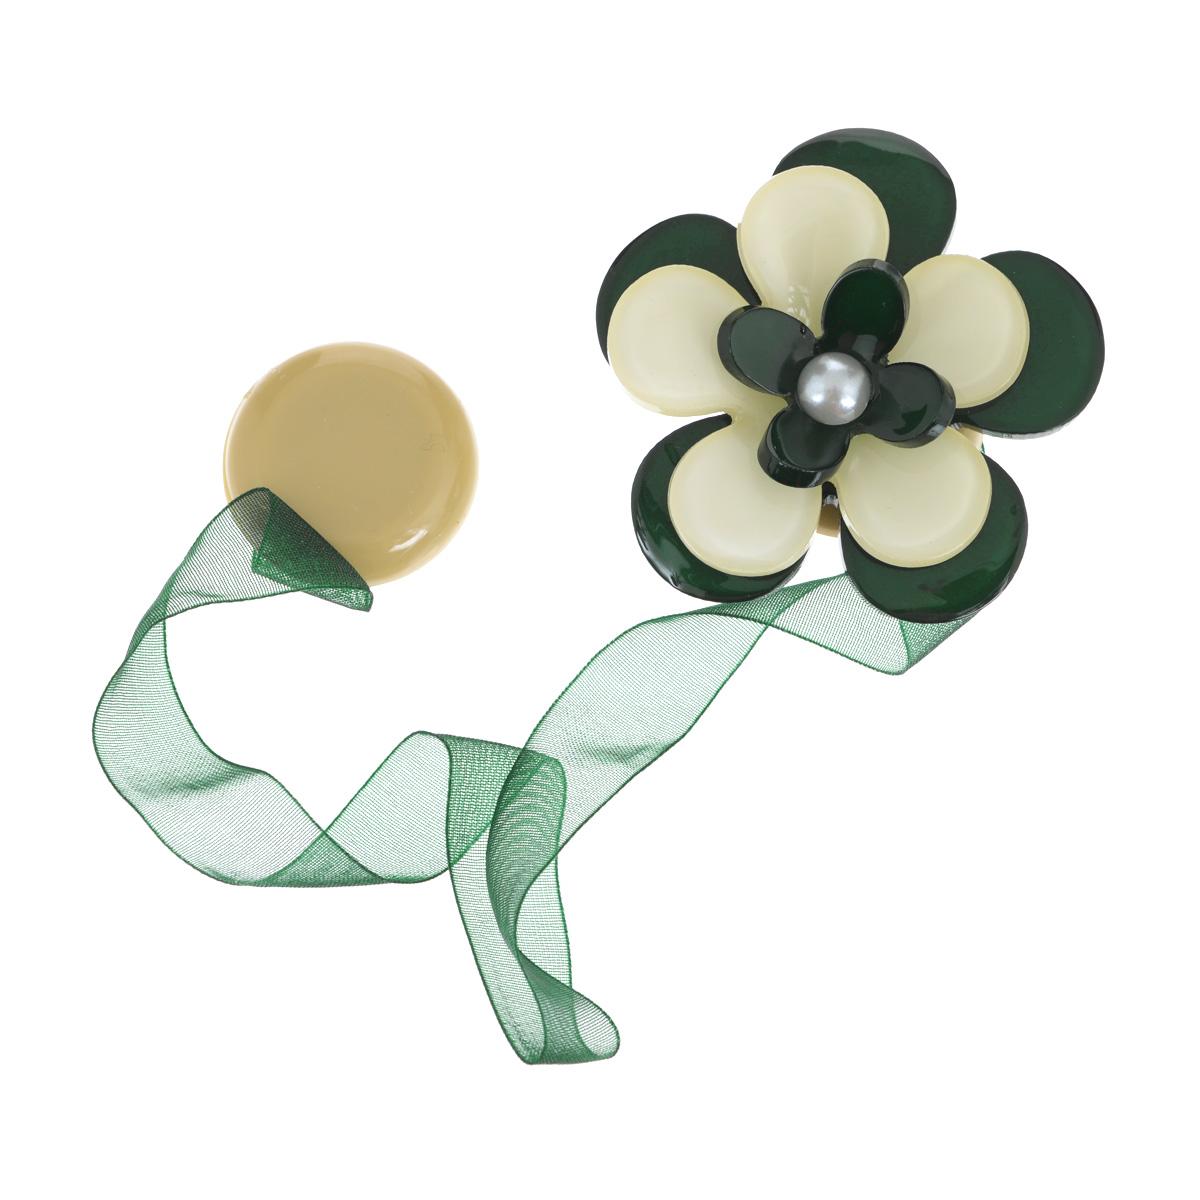 Клипса-магнит для штор Calamita Fiore, цвет: бутылочный, бежевый. 7704013_6307704013_630Клипса-магнит Calamita Fiore, изготовленная из пластика и полиэстера, предназначена для придания формы шторам. Изделие представляет собой два магнита, расположенные на разных концах текстильной ленты. Один из магнитов оформлен декоративным цветком. С помощью такой магнитной клипсы можно зафиксировать портьеры, придать им требуемое положение, сделать складки симметричными или приблизить портьеры, скрепить их.Клипсы для штор являются универсальным изделием, которое превосходно подойдет как для штор в детской комнате, так и для штор в гостиной. Следует отметить, что клипсы для штор выполняют не только практическую функцию, но также являются одной из основных деталей декора, которая придает шторам восхитительный, стильный внешний вид. Диаметр декоративного цветка: 5 см. Длина ленты: 28 см.